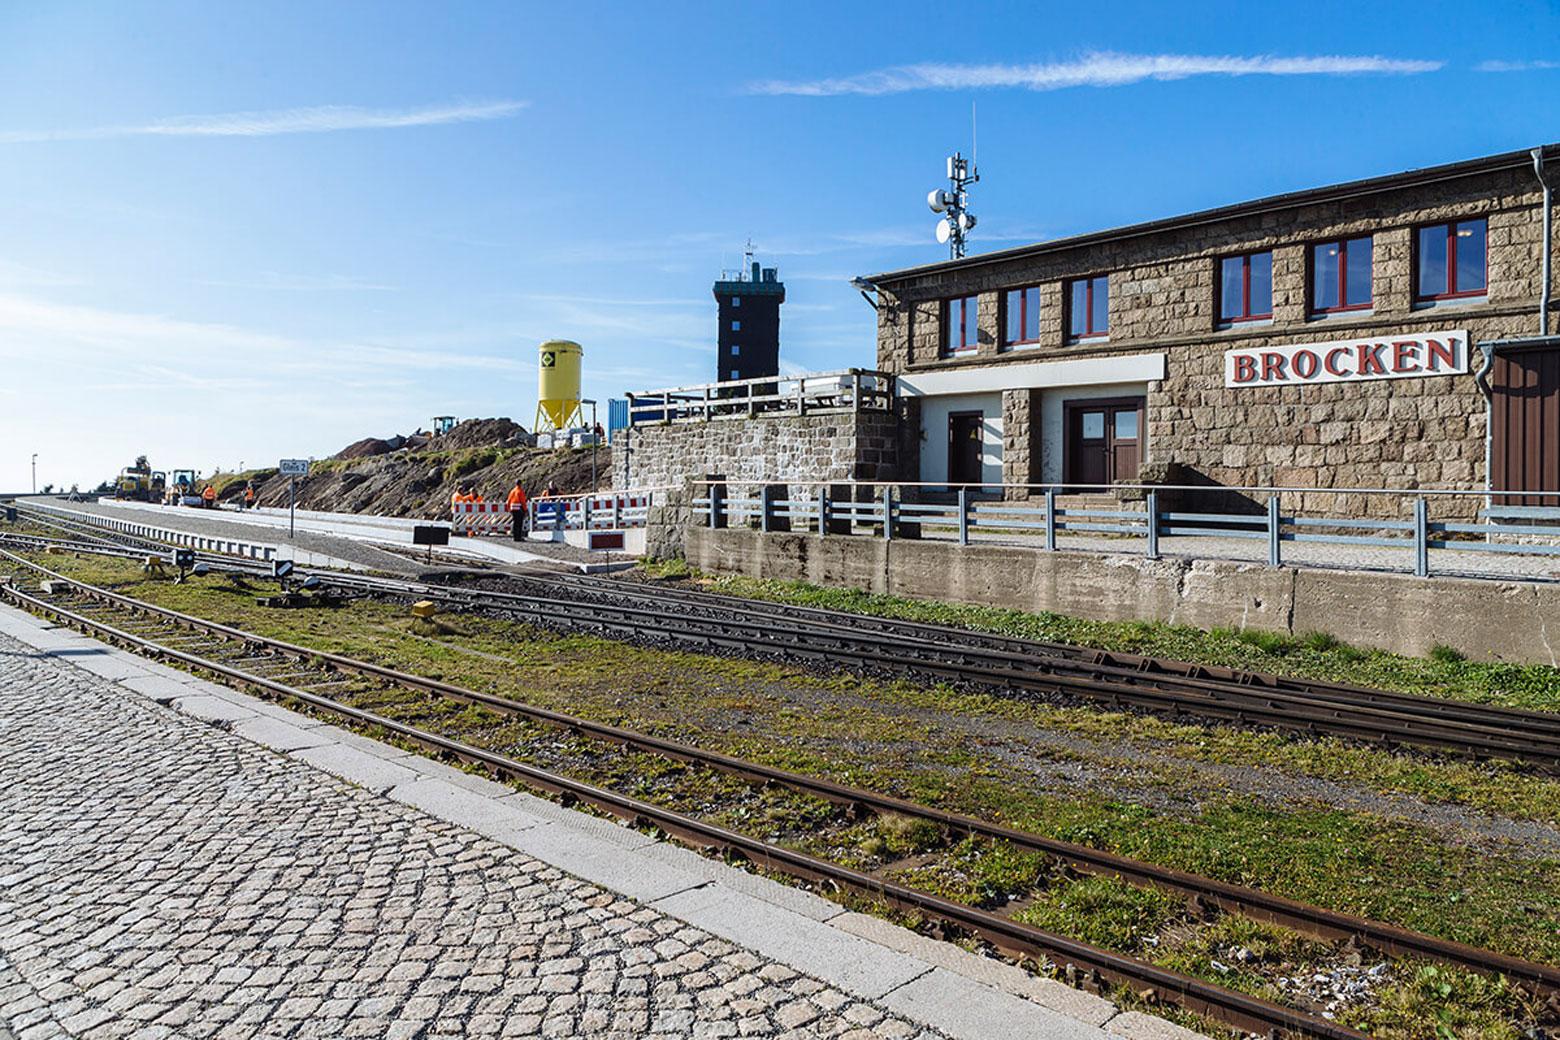 Bahnsteig, Gleise und Verwaltungsgebäude vor klarem Himmel